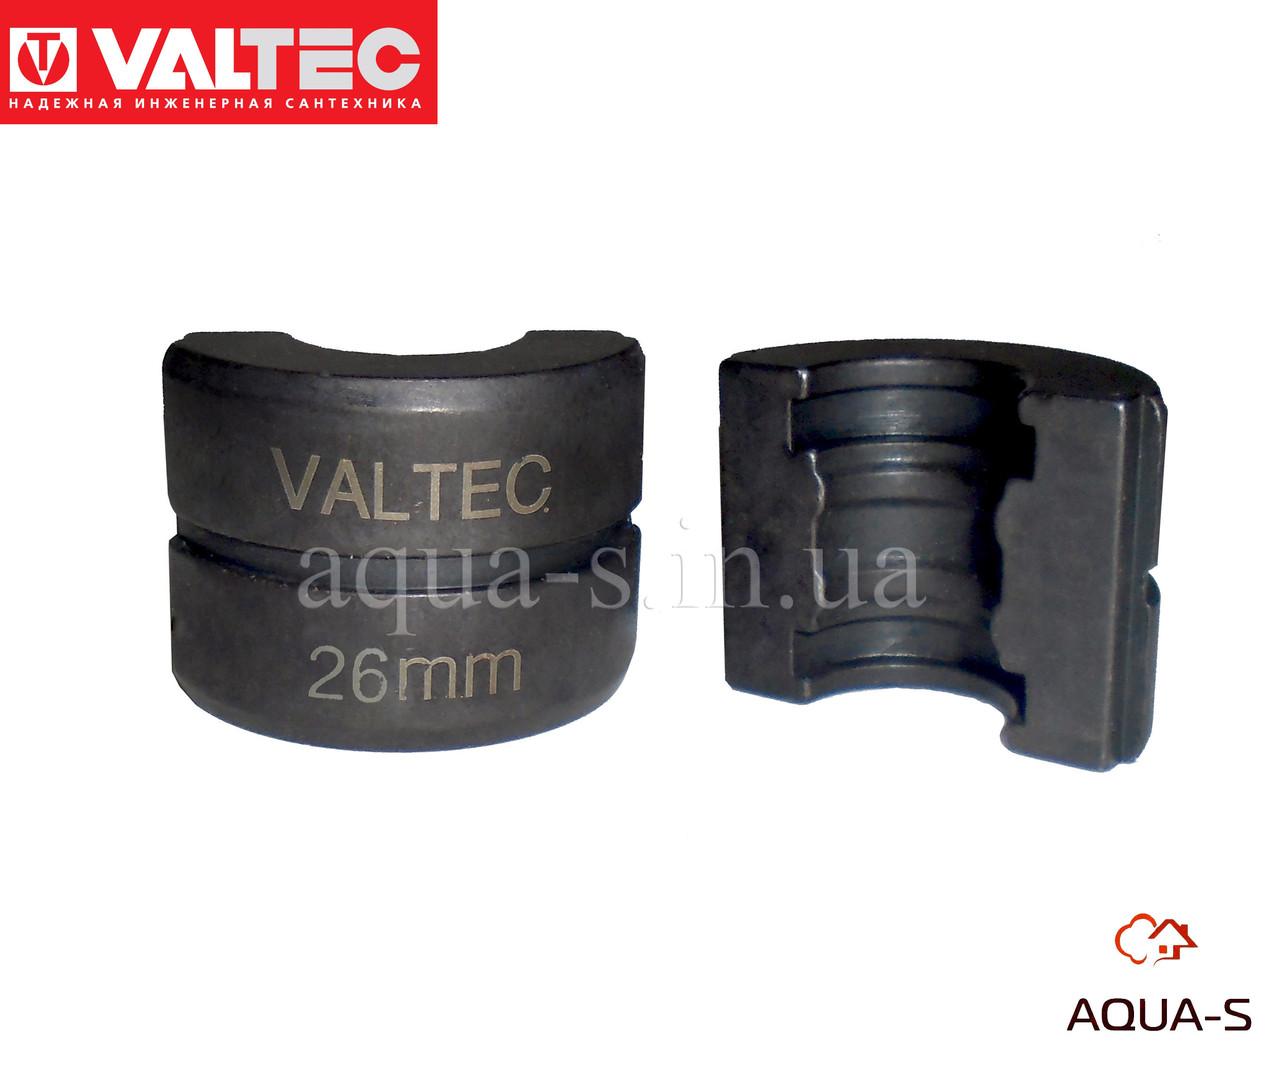 Вкладыши для пресс-инструмента Valtec D 26 мм. (профиль TH) VTm.294.0